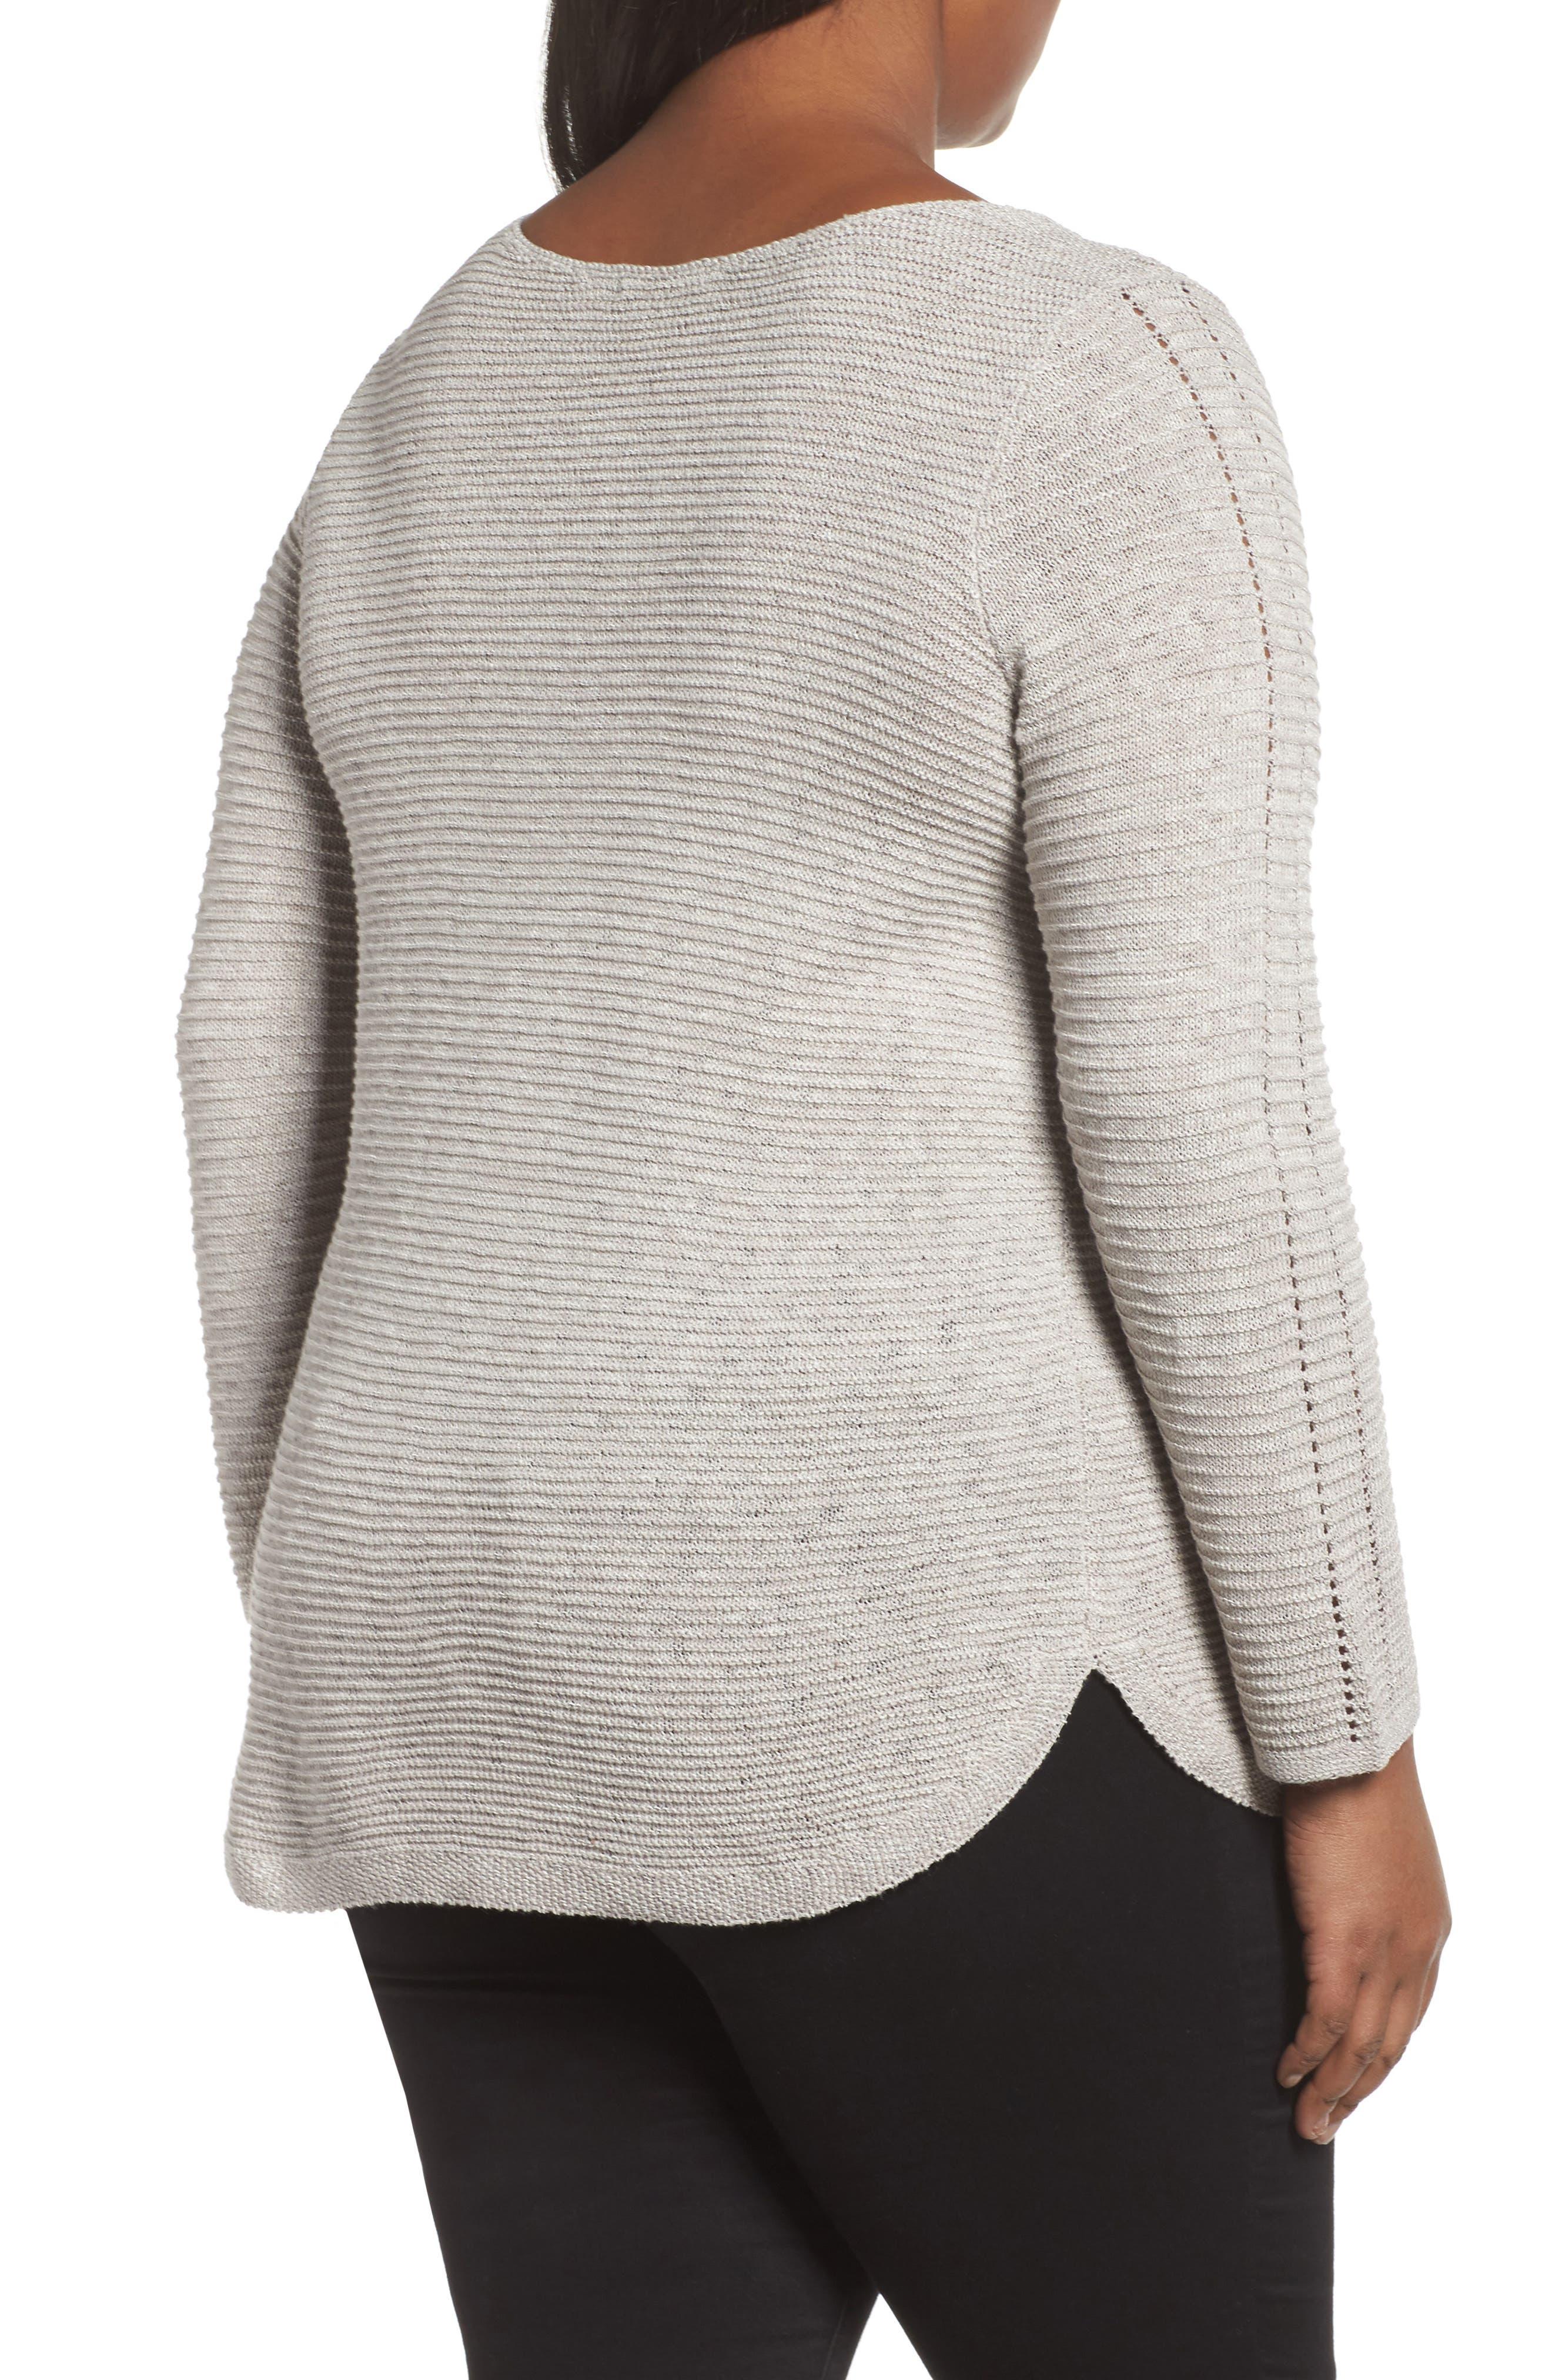 Alternate Image 2  - NIC+ZOE Braided Up Sweater (Plus Size)